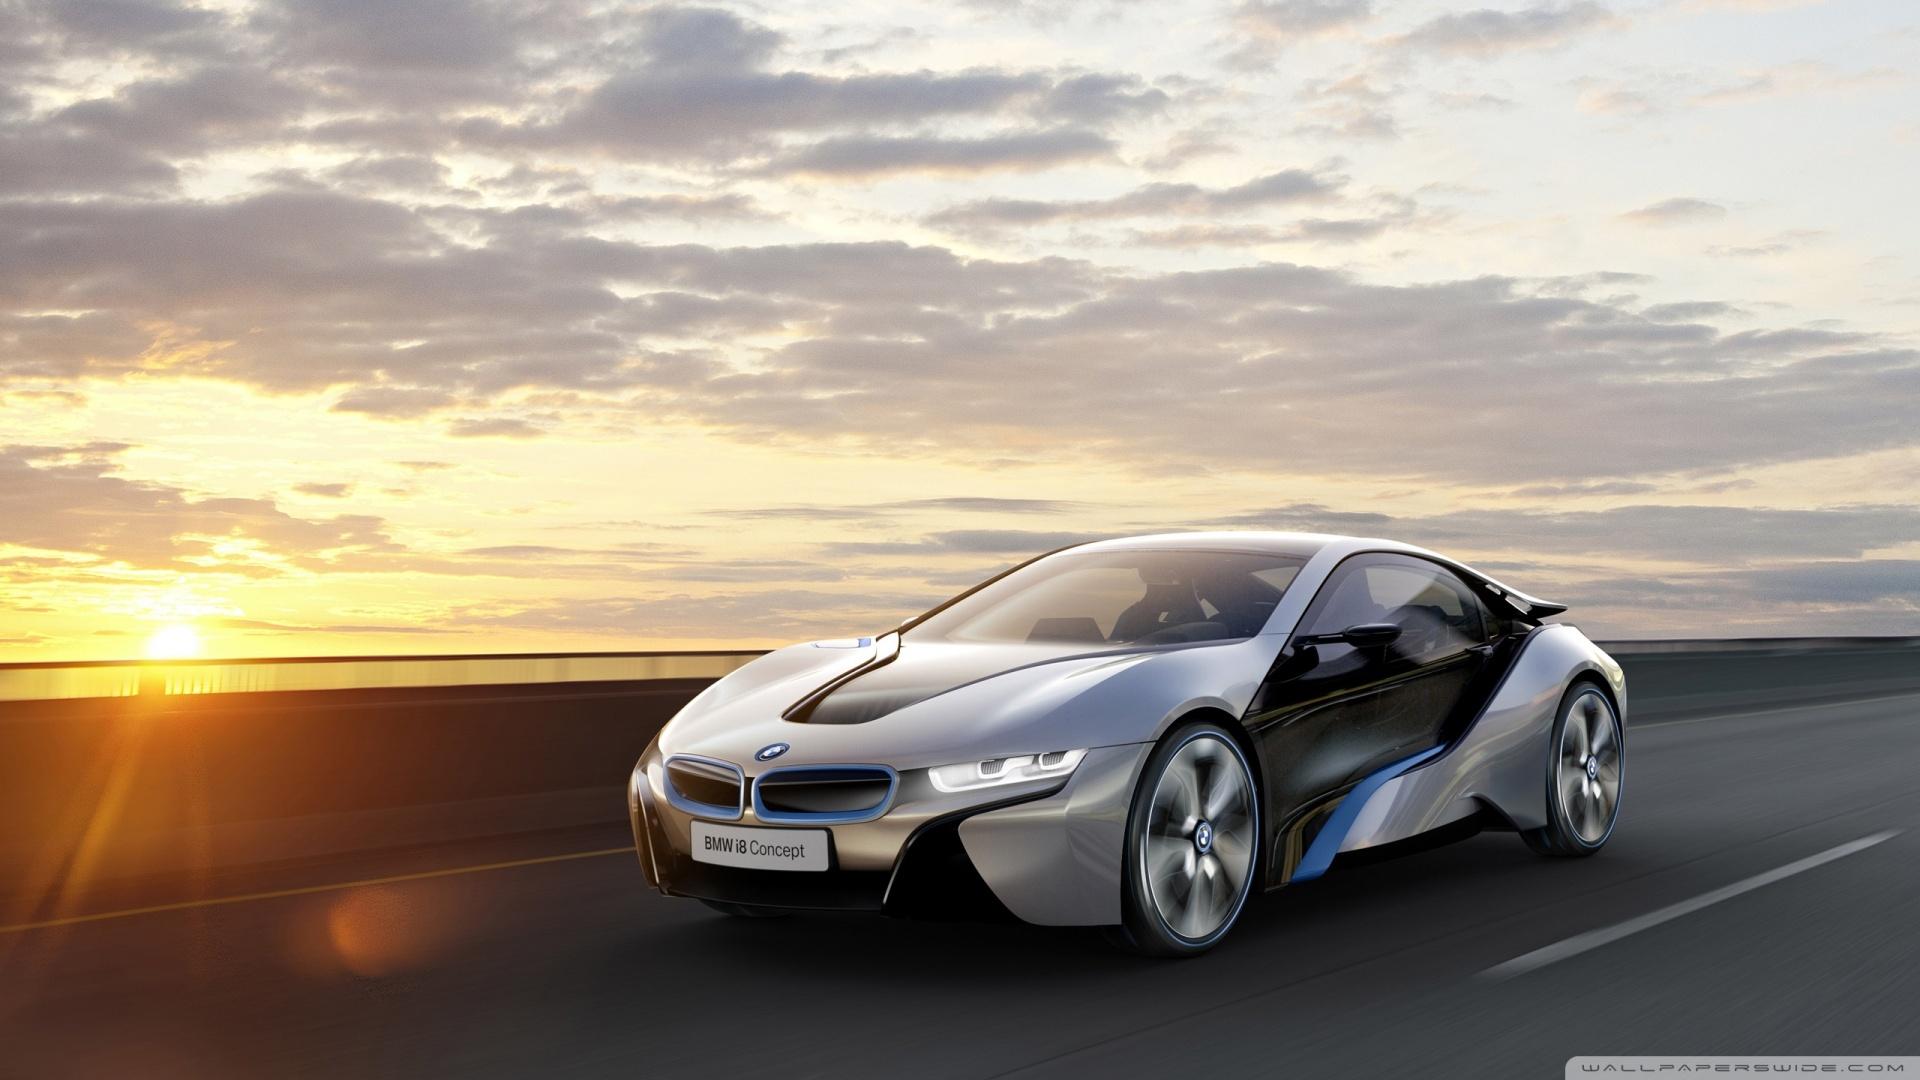 BMW i8 Wallpaper